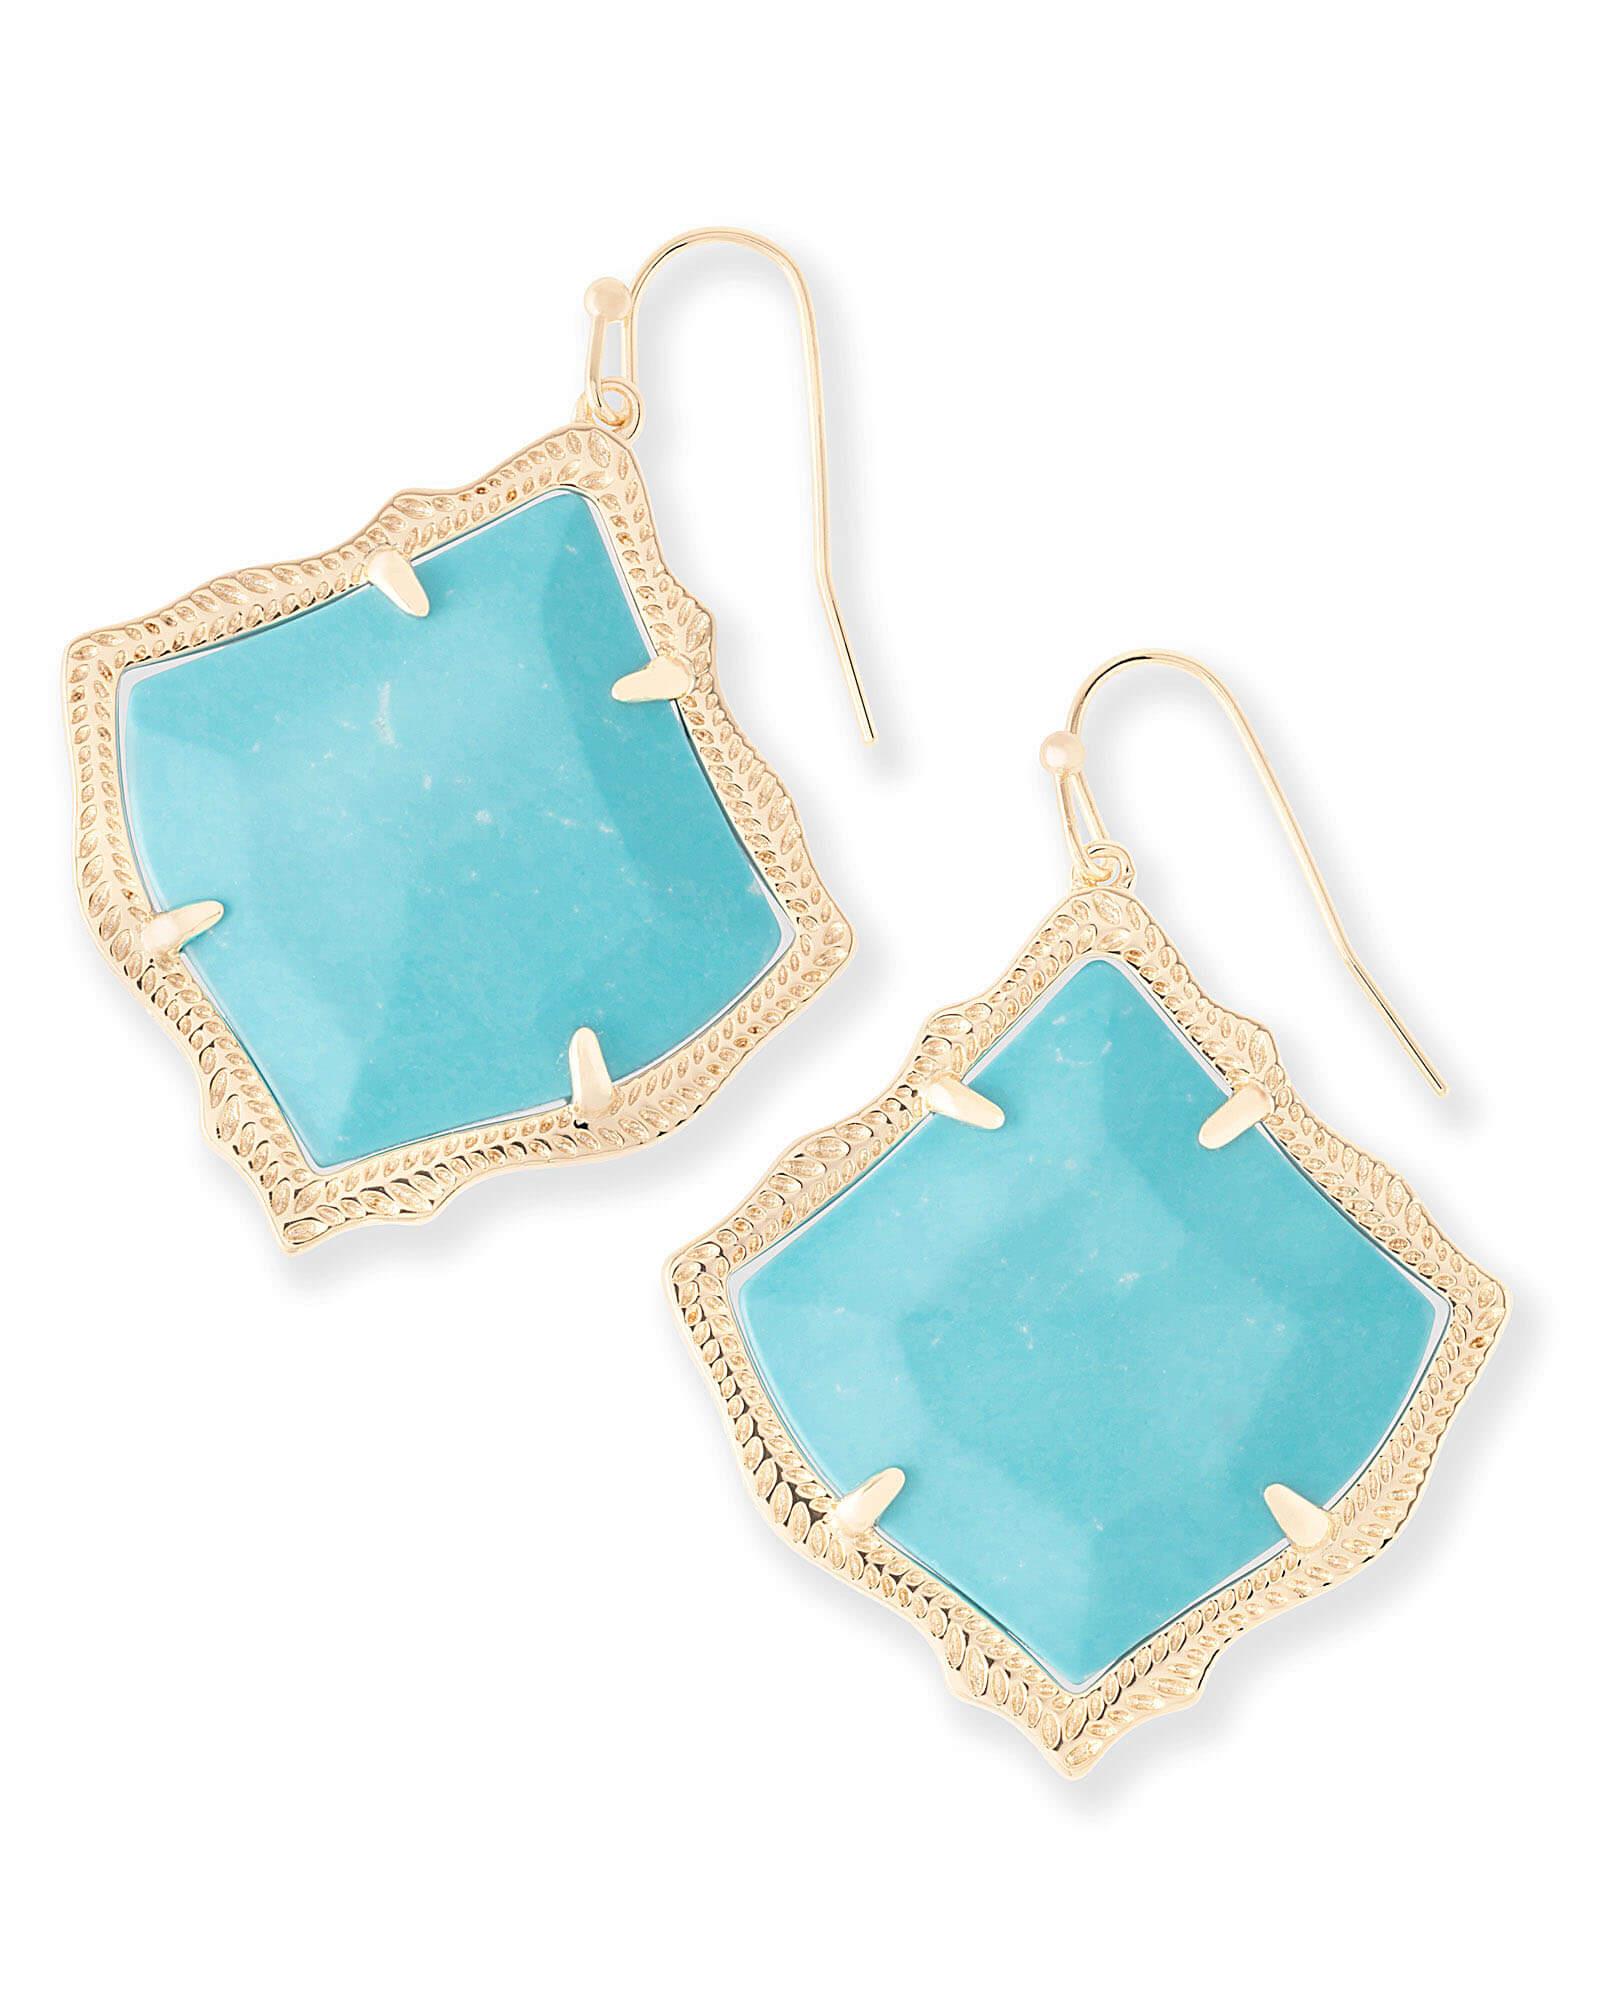 535cc997ff5674 Kirsten Drop Earrings in Turquoise | Kendra Scott Jewelry